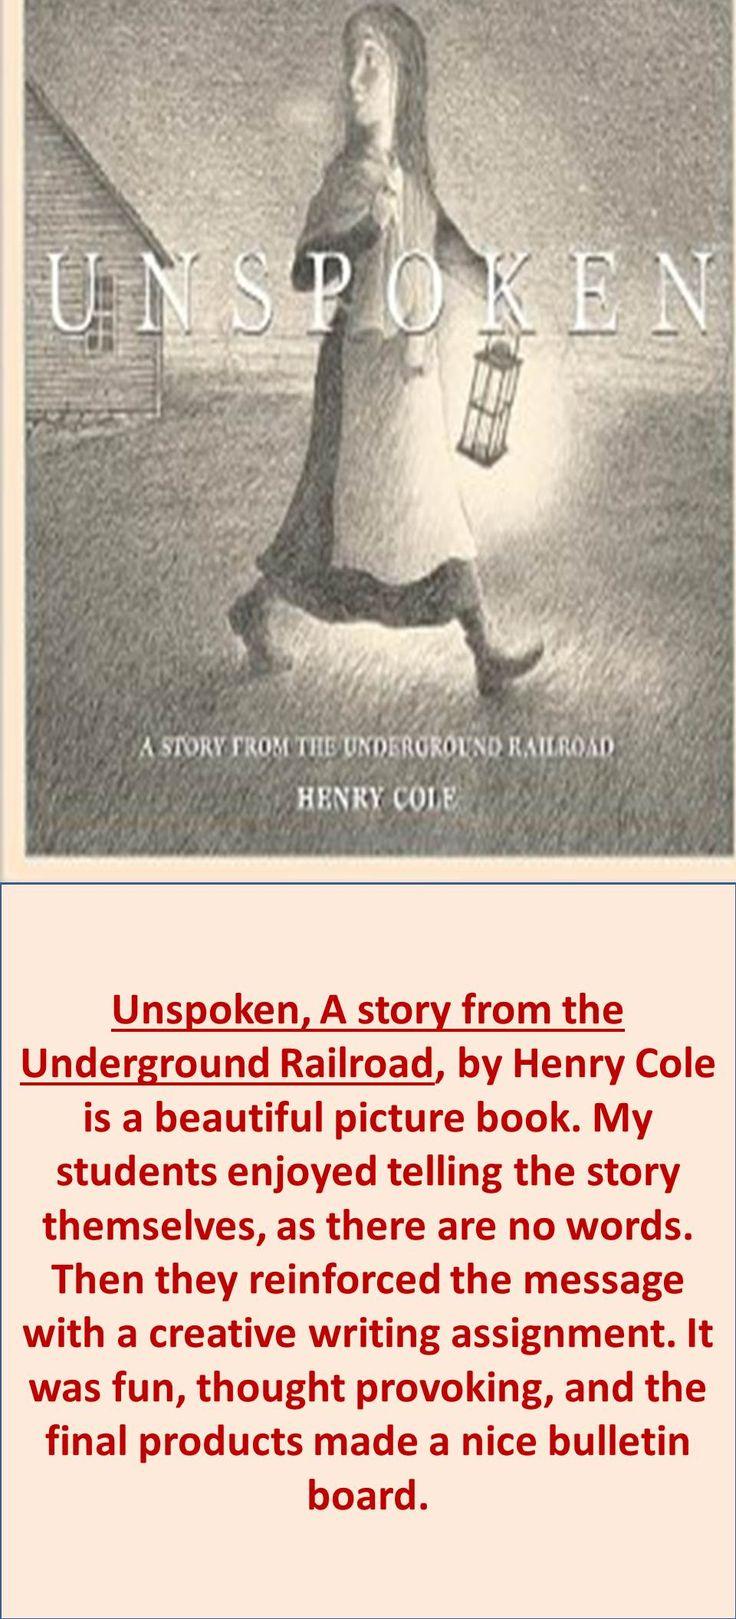 The help book essay underground railroad